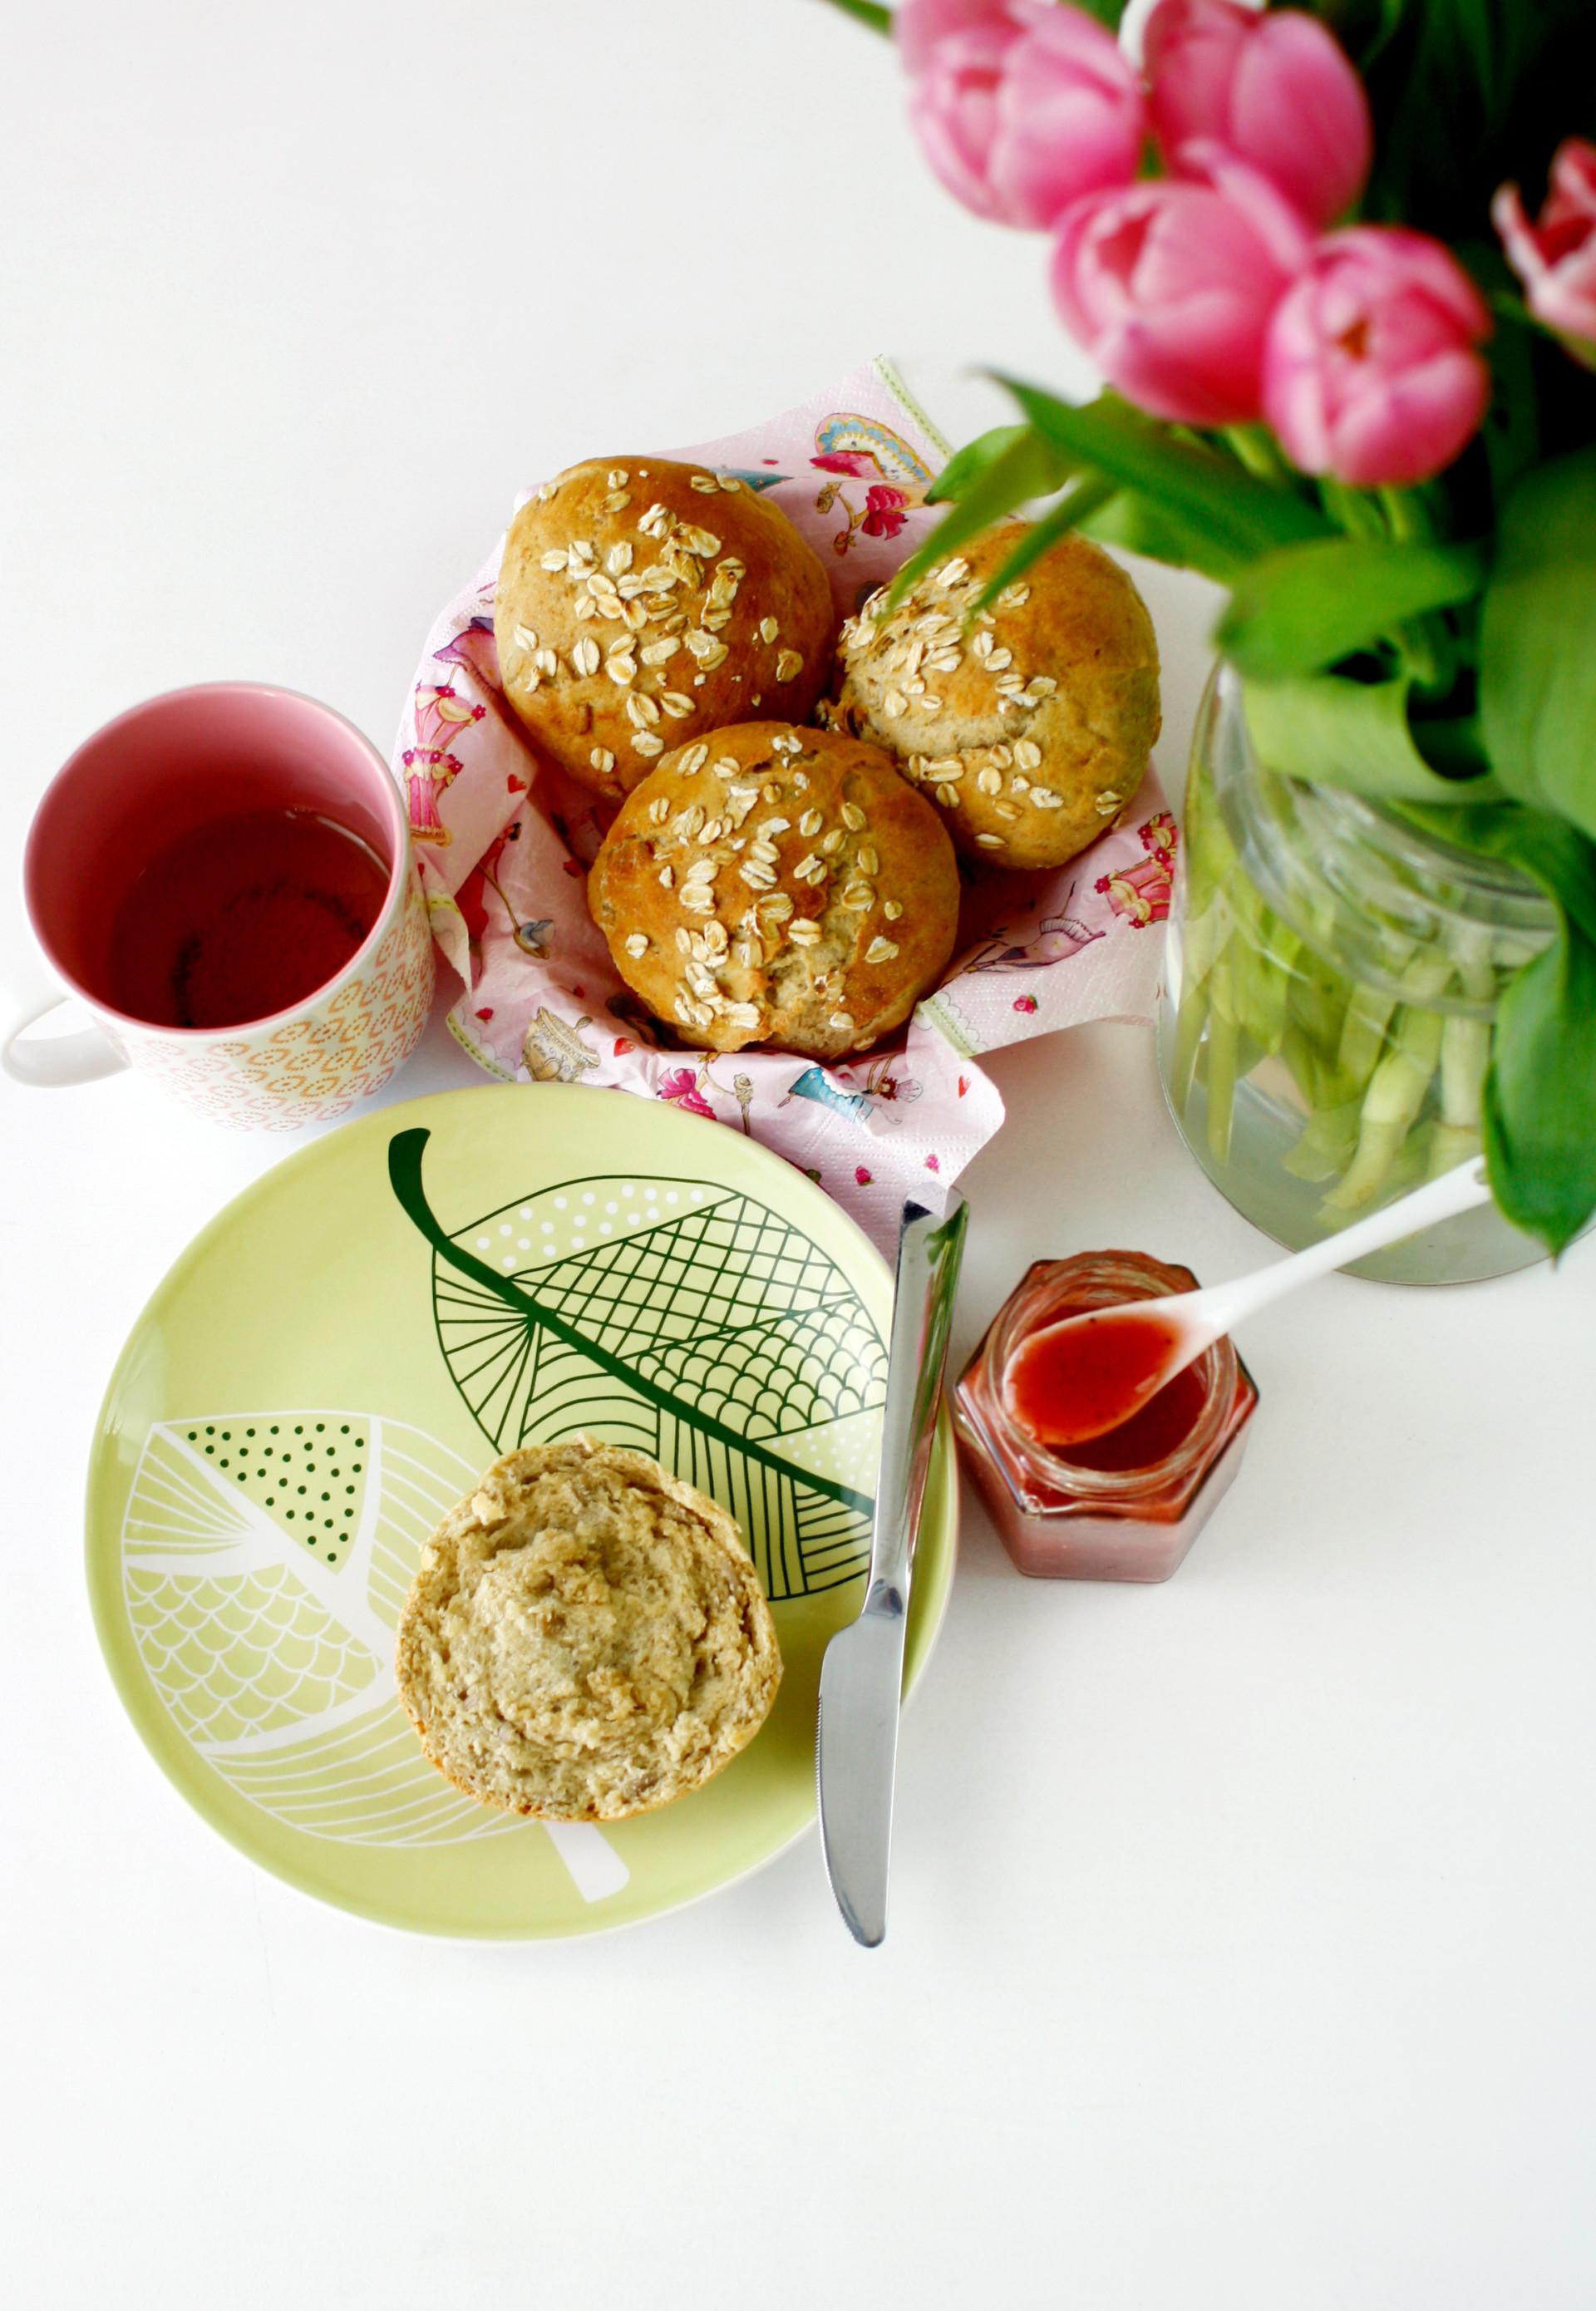 Frühstücken mit selber gebackenen Dinkelbrötchen mit Haferflocken // Buns with oats by https://babyrockmyday.com/dinkelbroetchen/